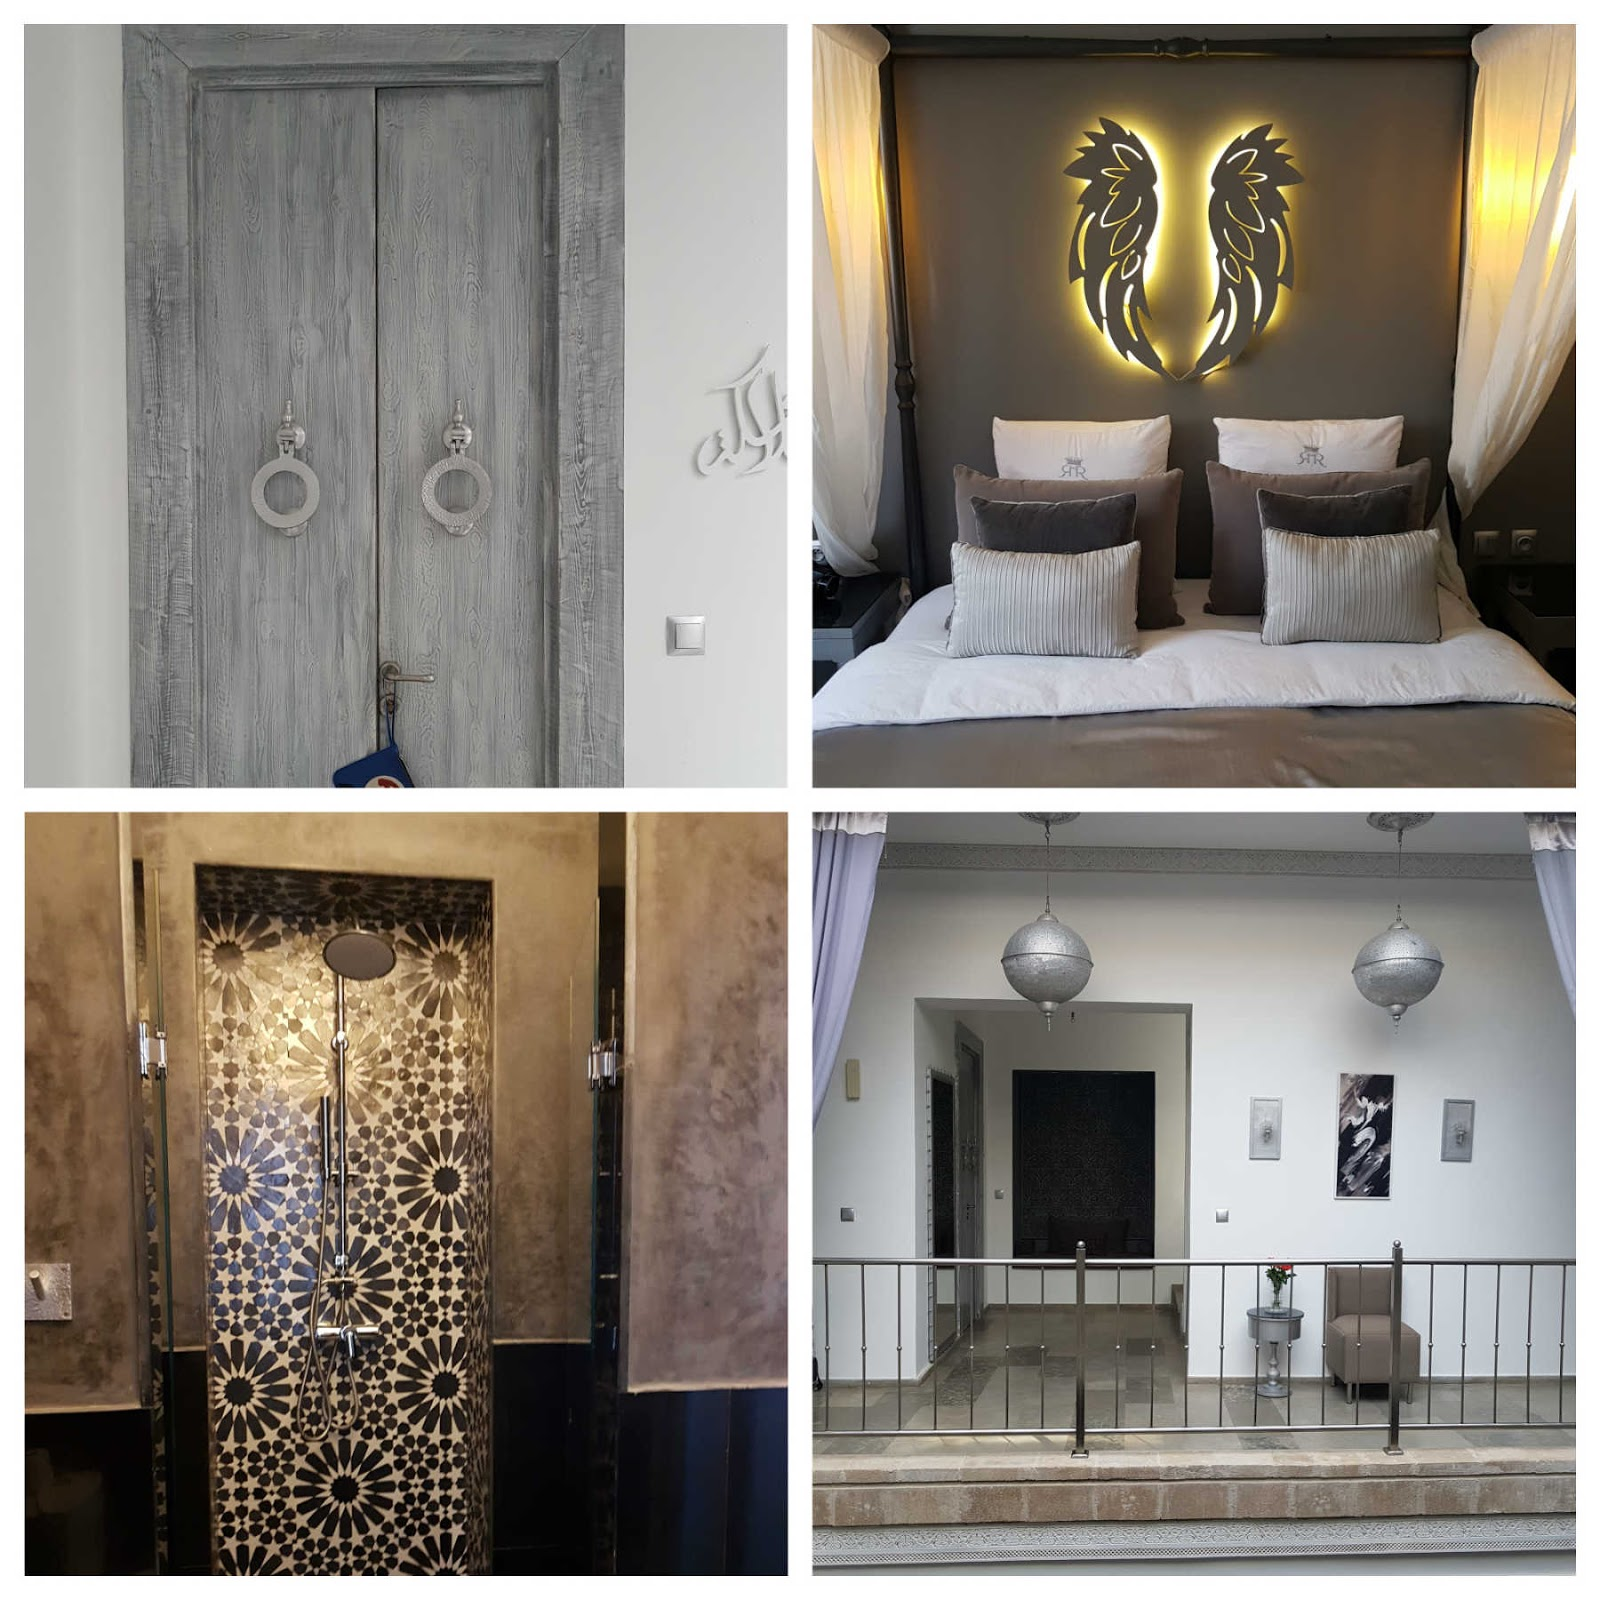 Hotel em Marrocos, dicas de hospedagem